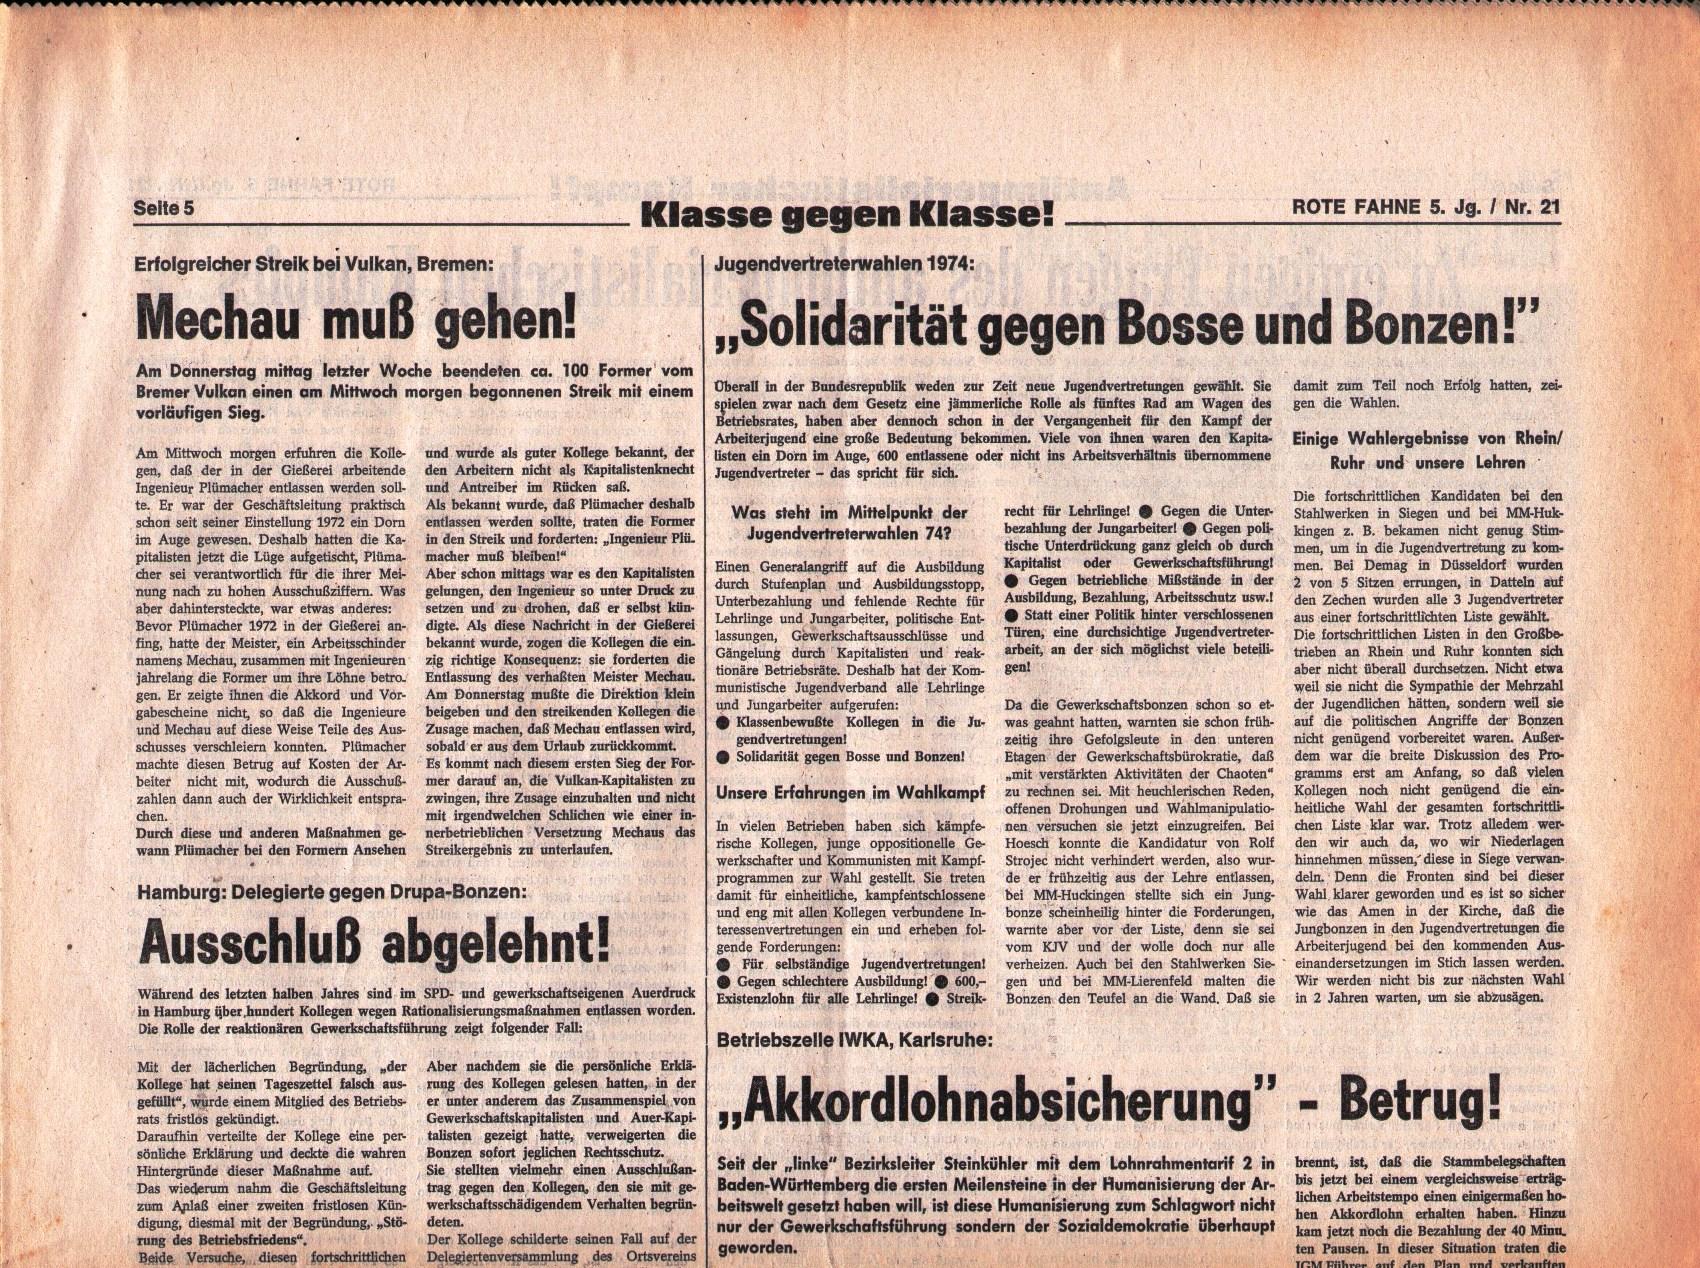 KPD_Rote_Fahne_1974_21_09